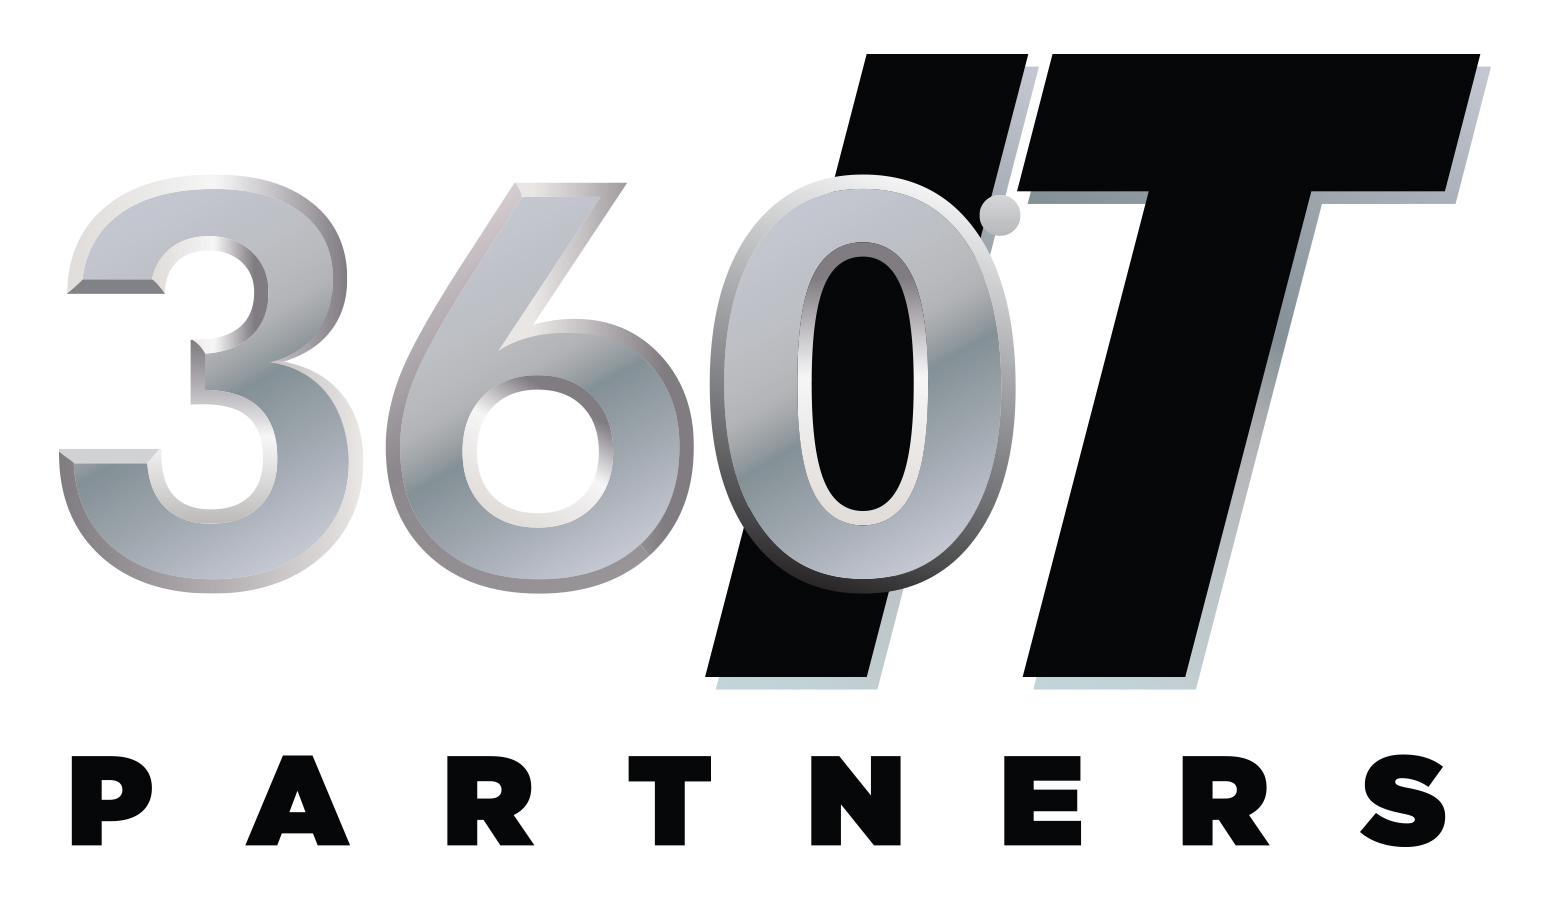 360IT PARTNERS Company Logo